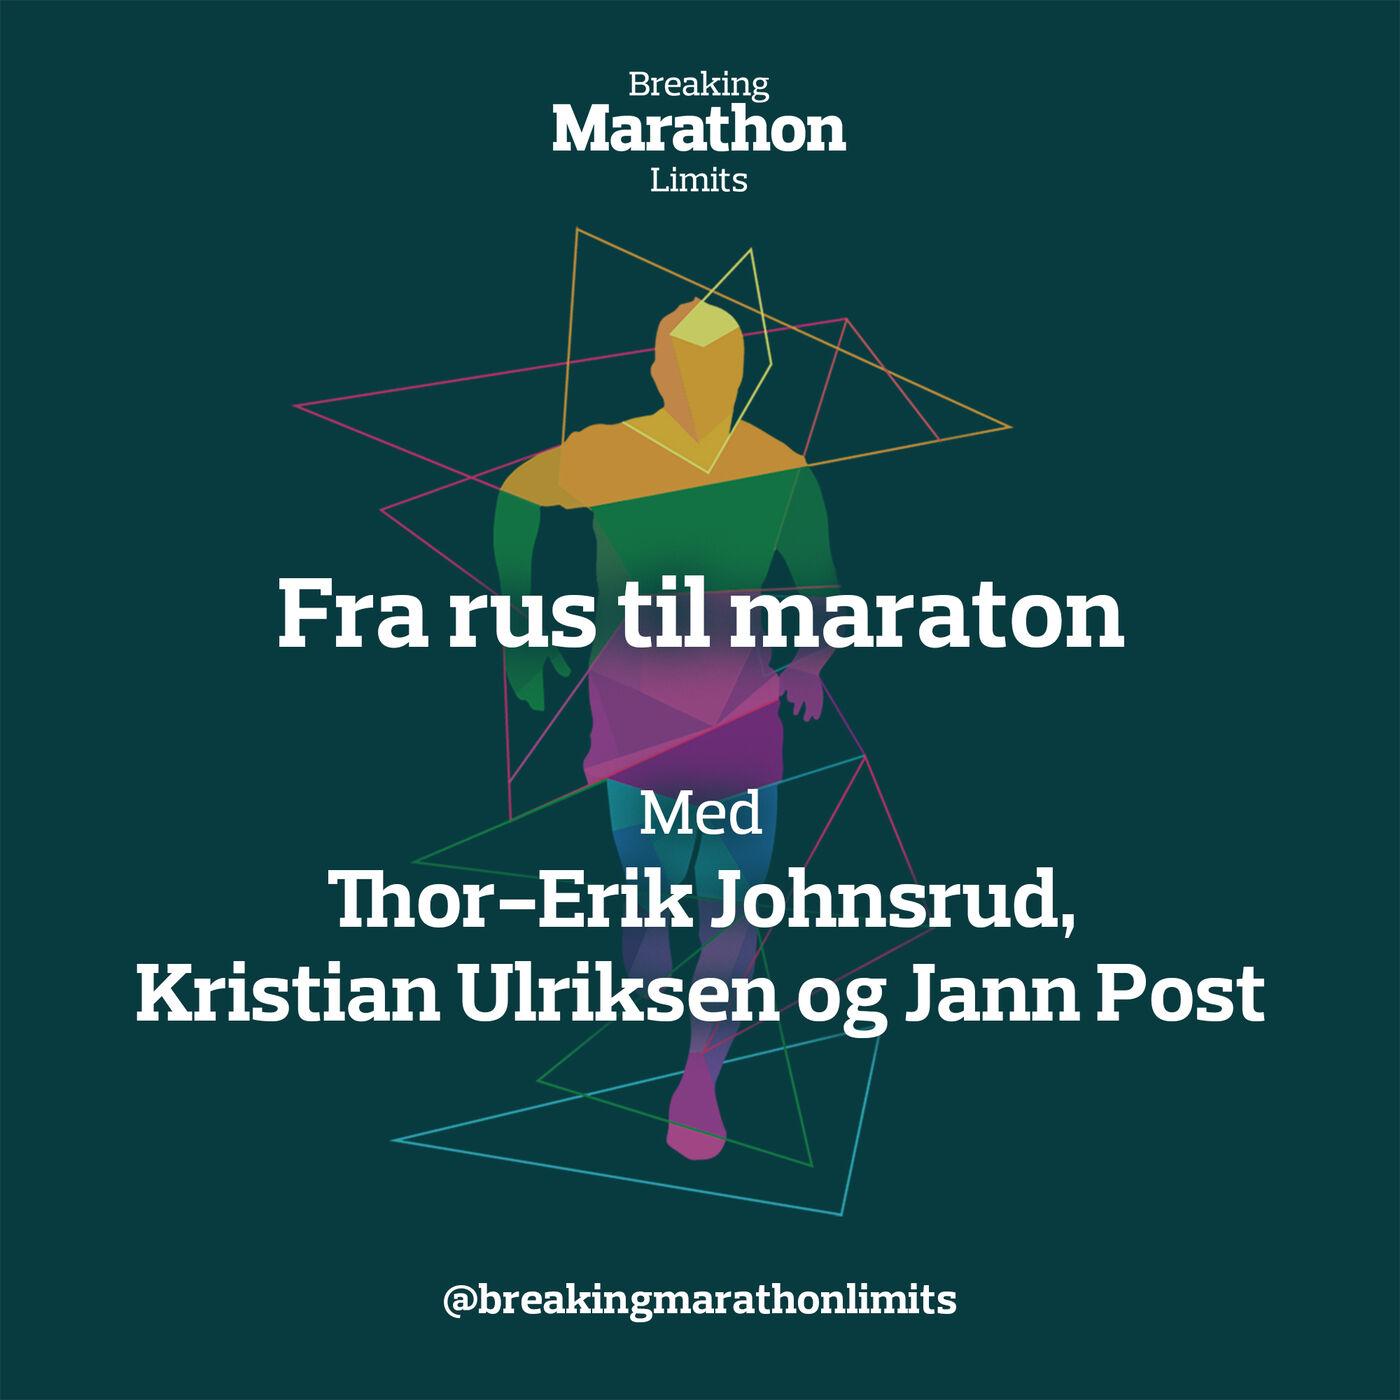 Fra rus til maraton